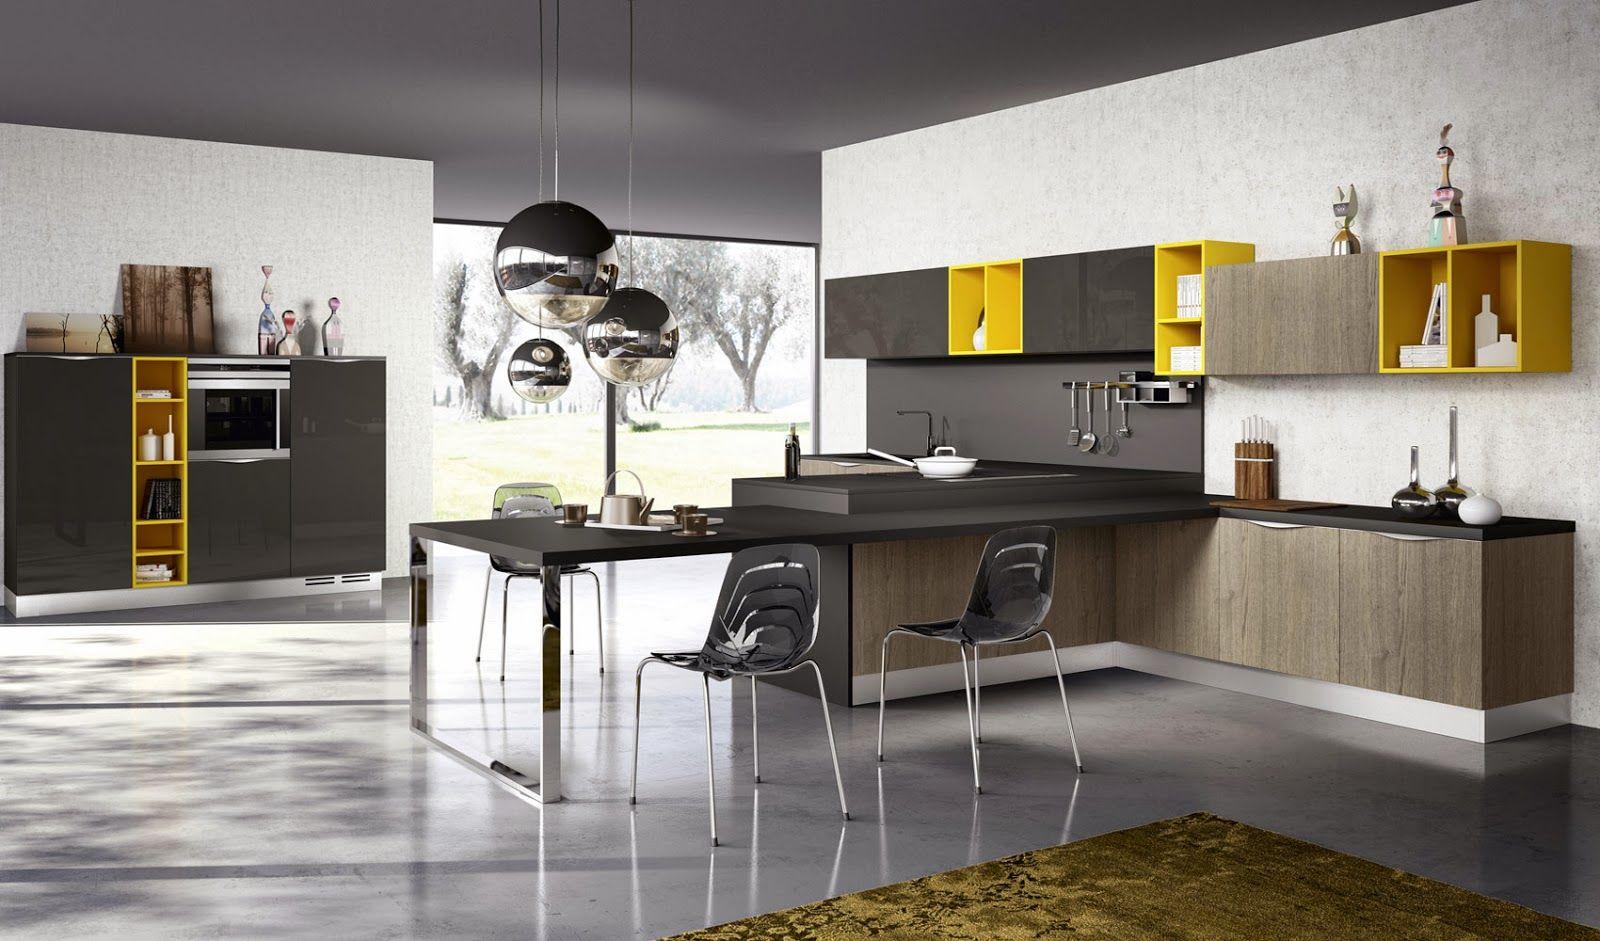 diseño de cocina moderna | Cocinas | Pinterest | Diseño de cocina ...